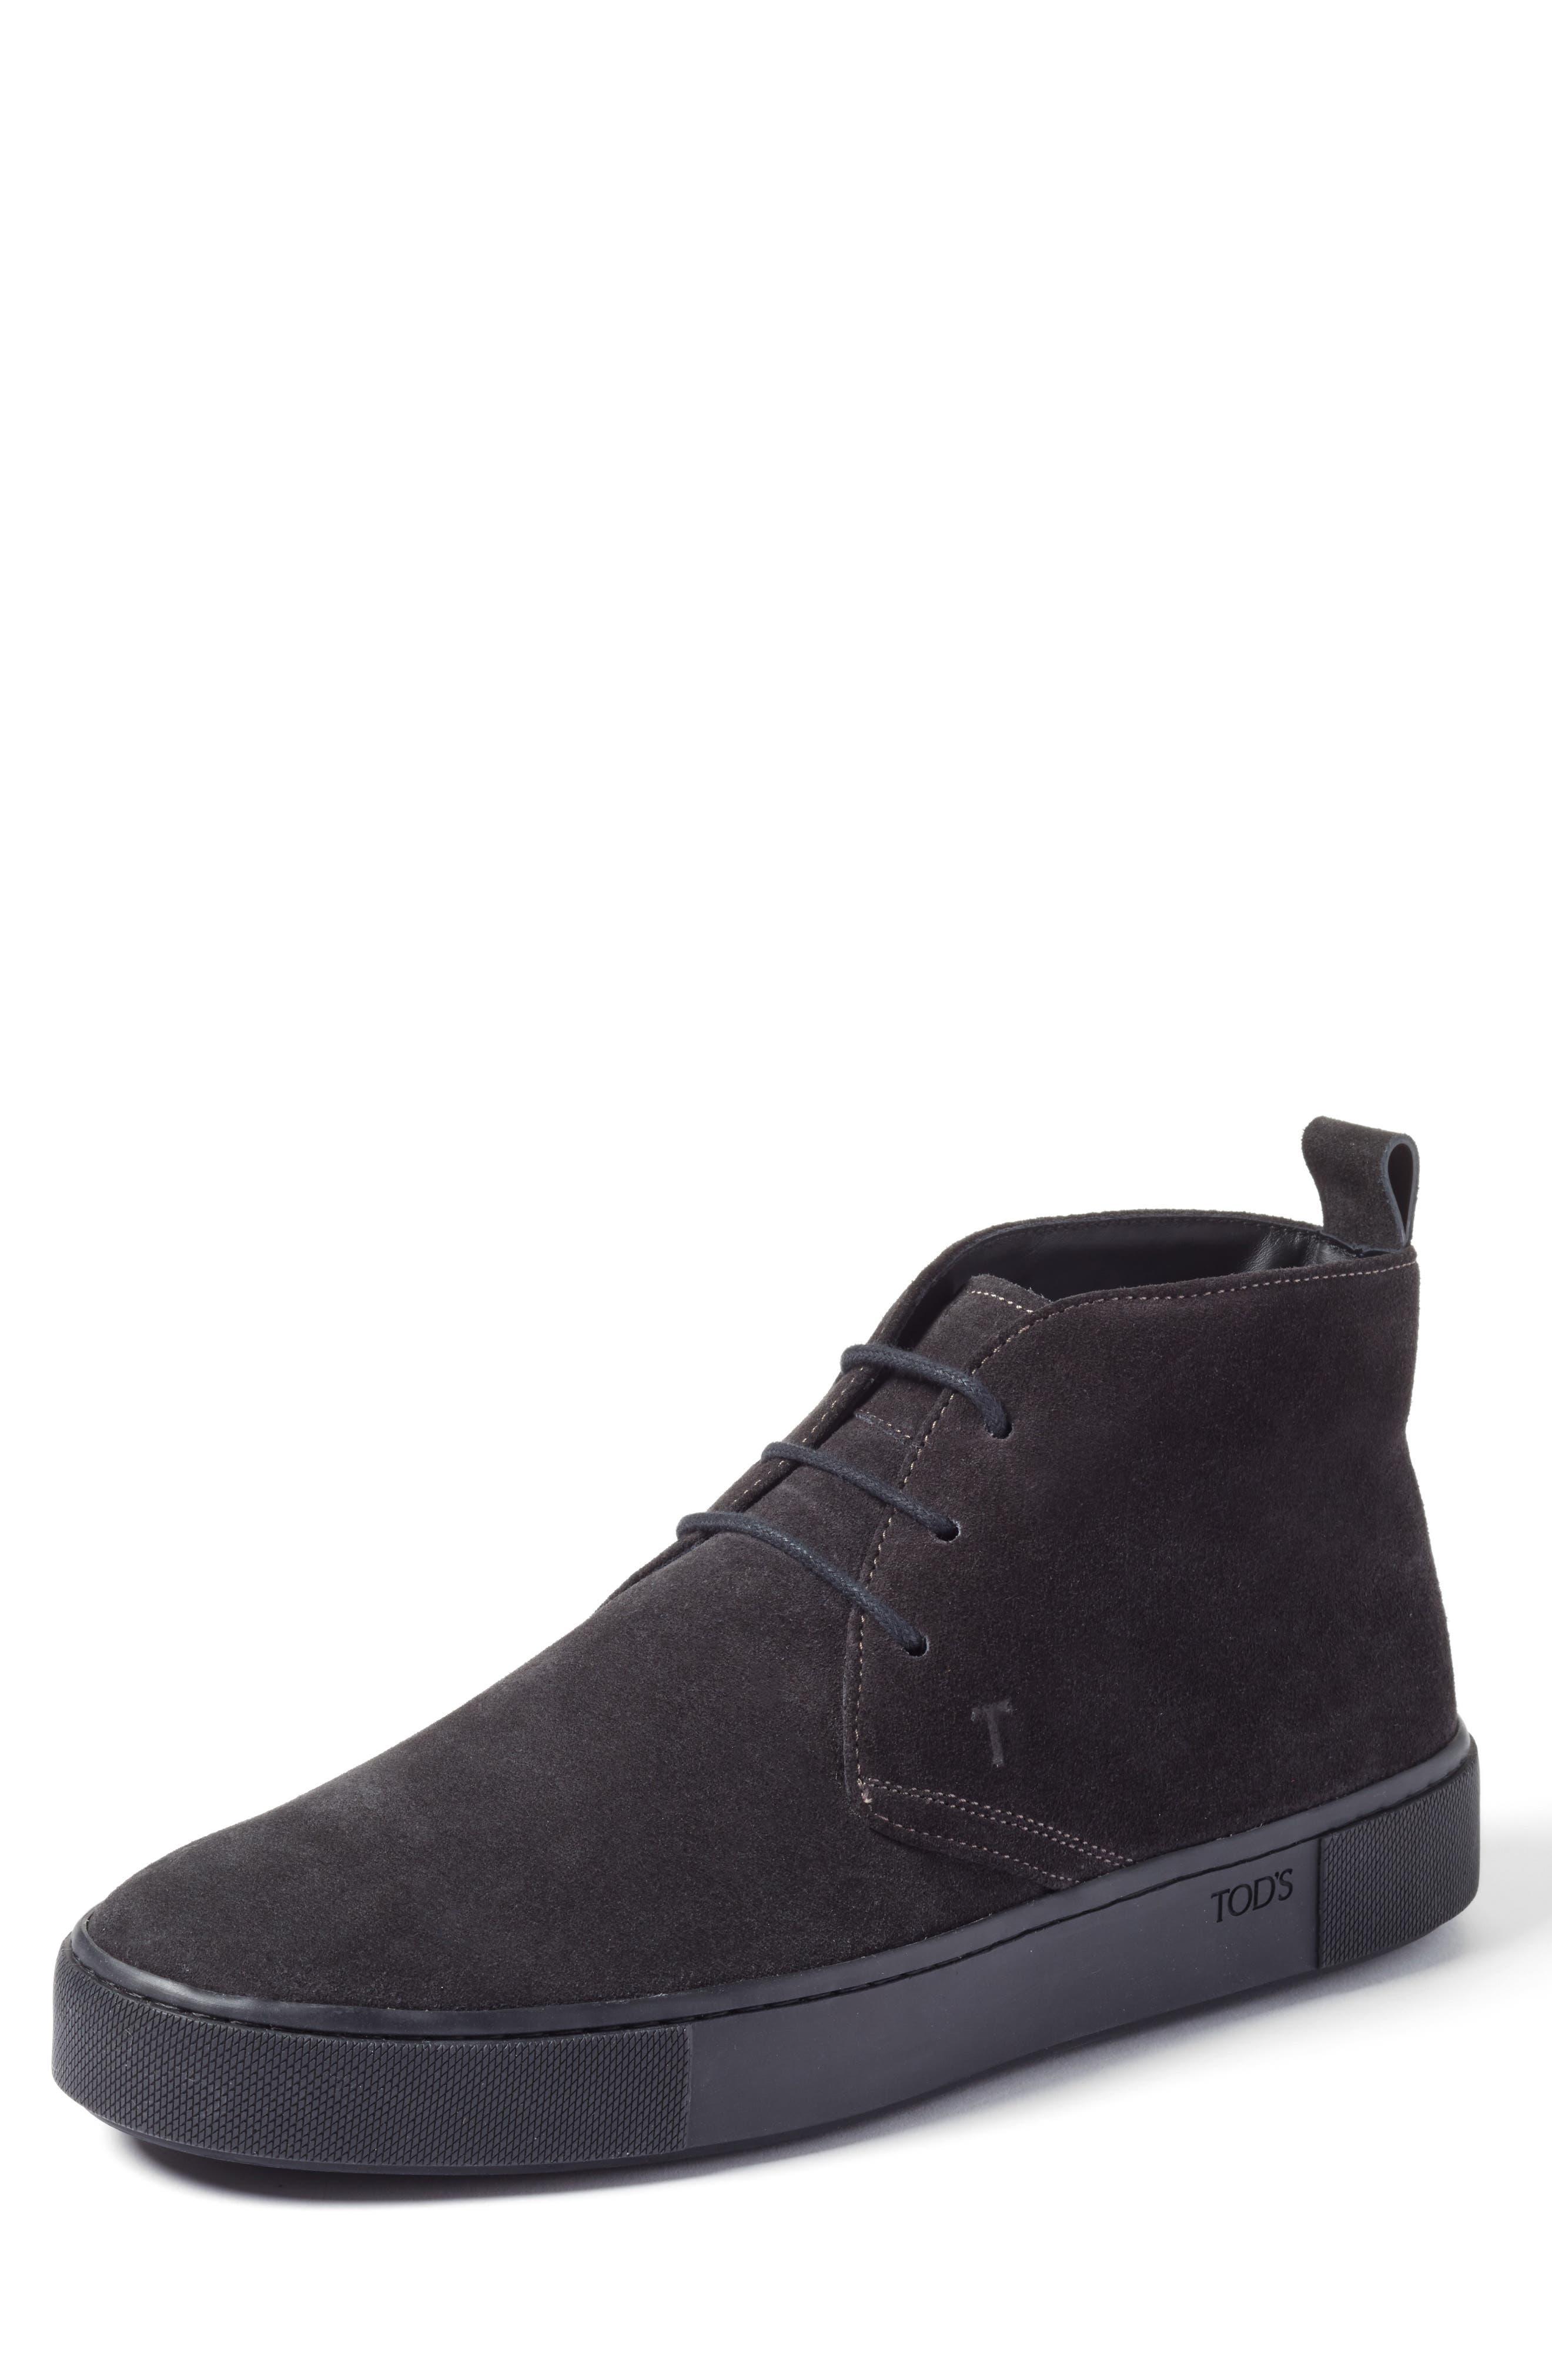 Tod's Leather Chukka Boot (Men)